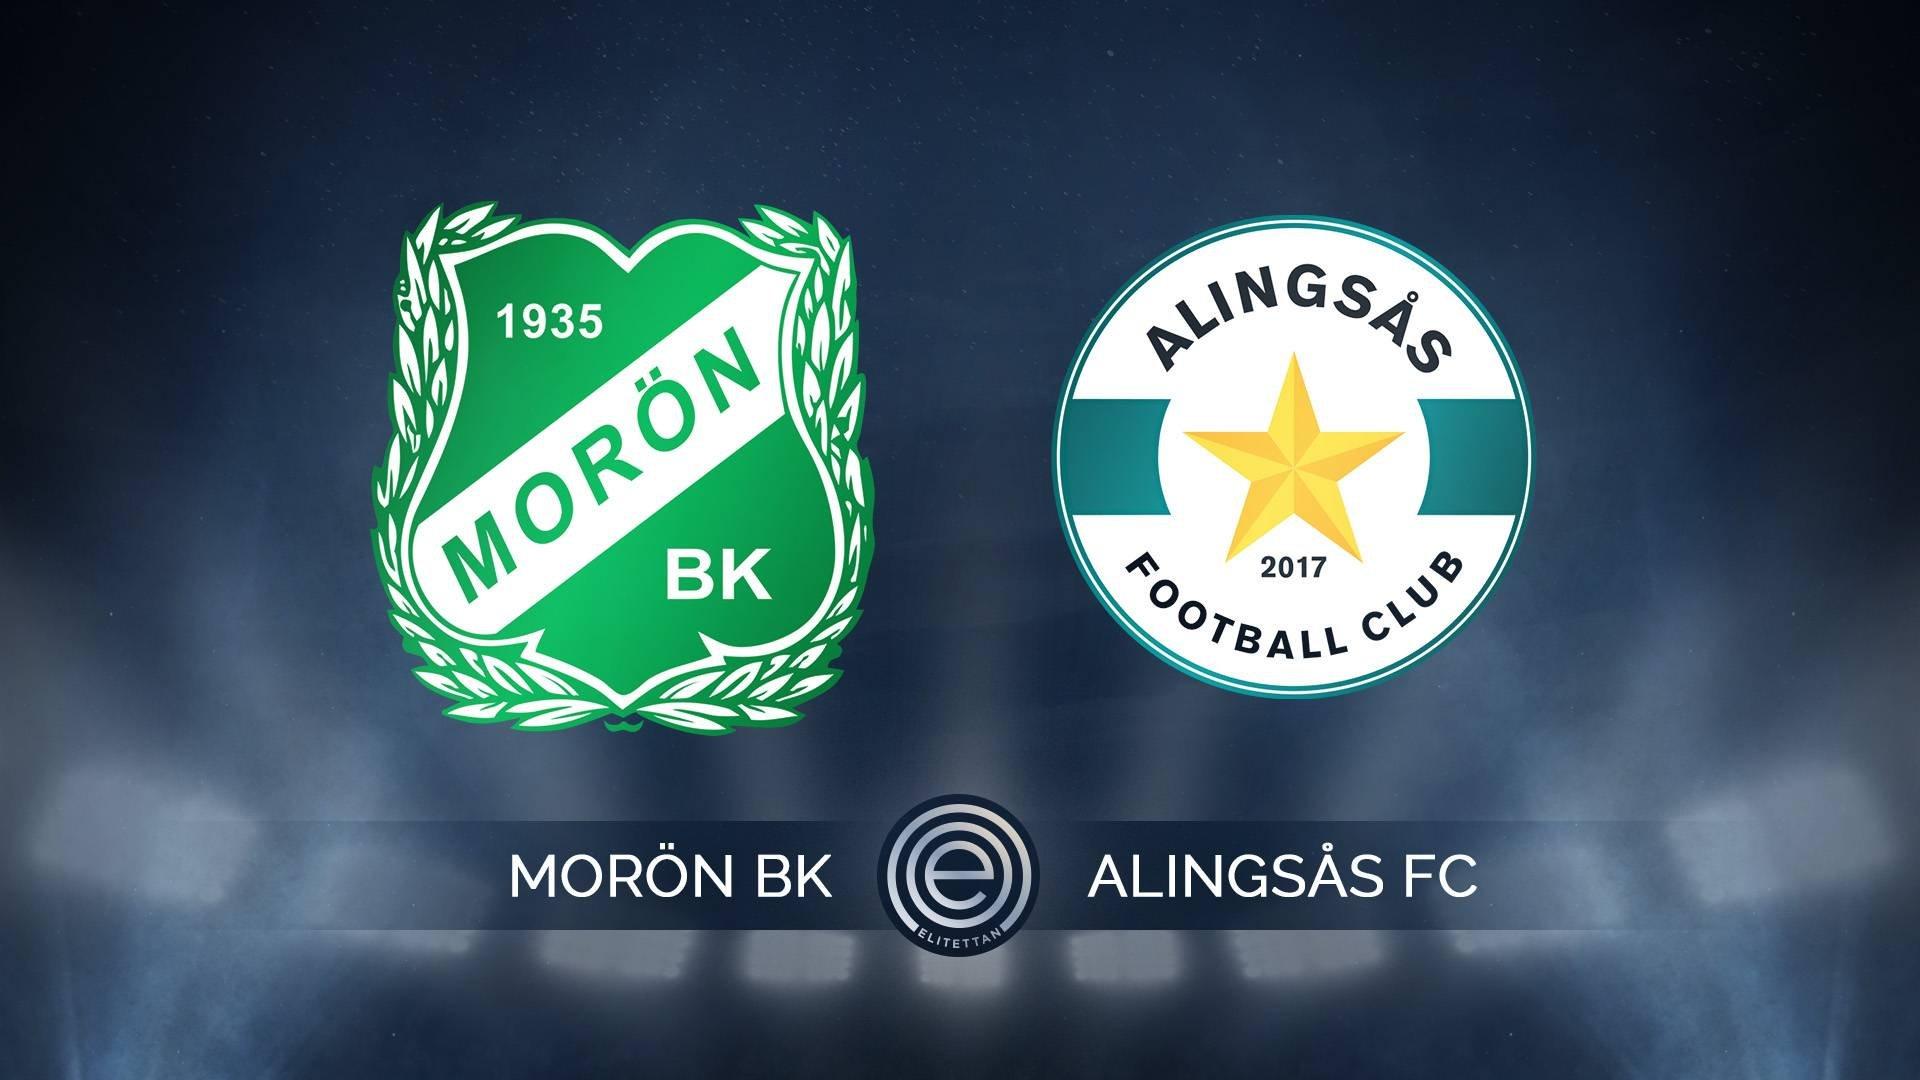 Highlights: Morön BK-Alingsås FC United